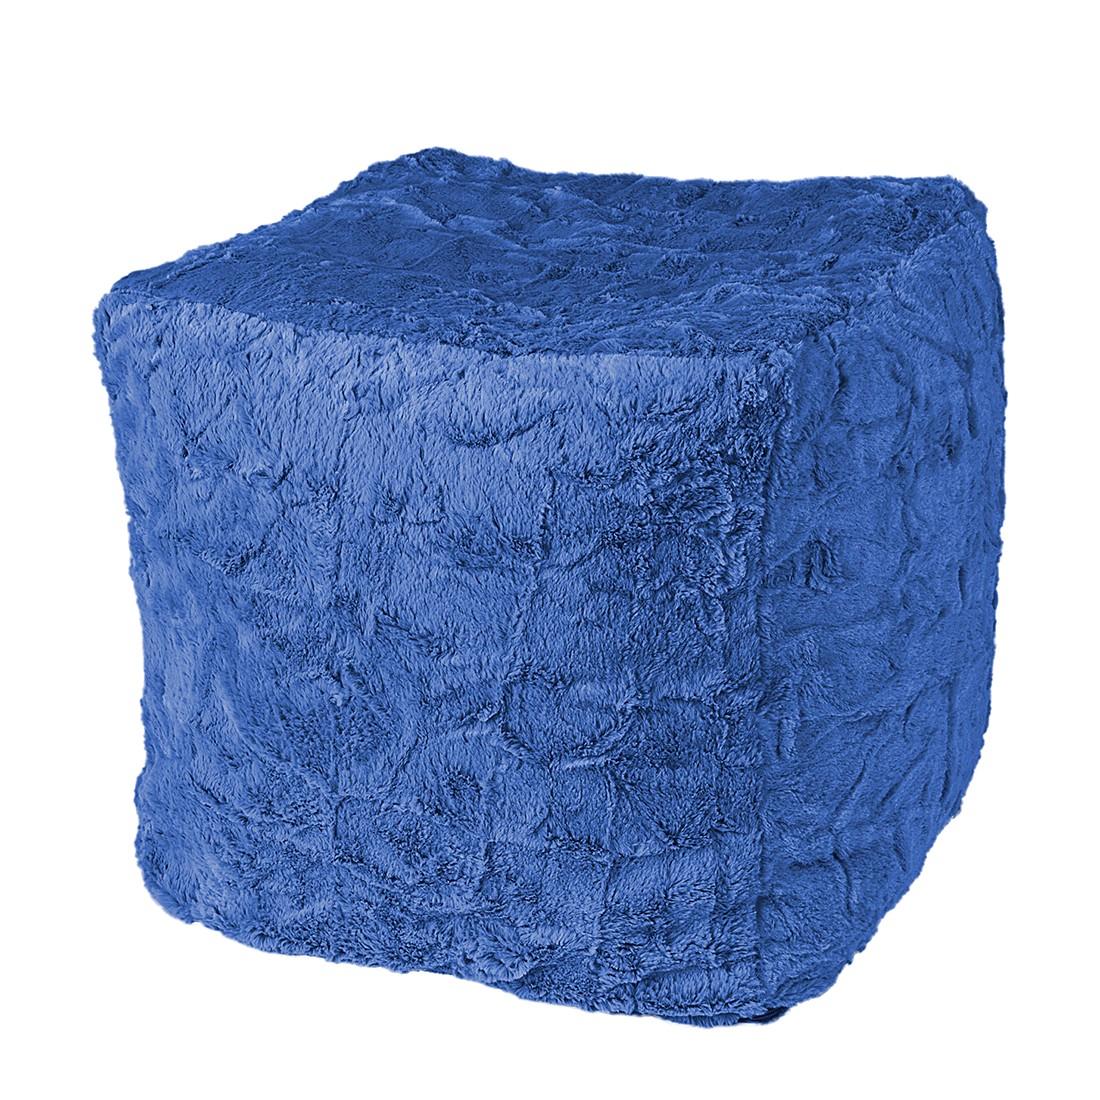 Sitzwürfel Cube Fluffy – Webplüsch – Blau, Fredriks jetzt kaufen